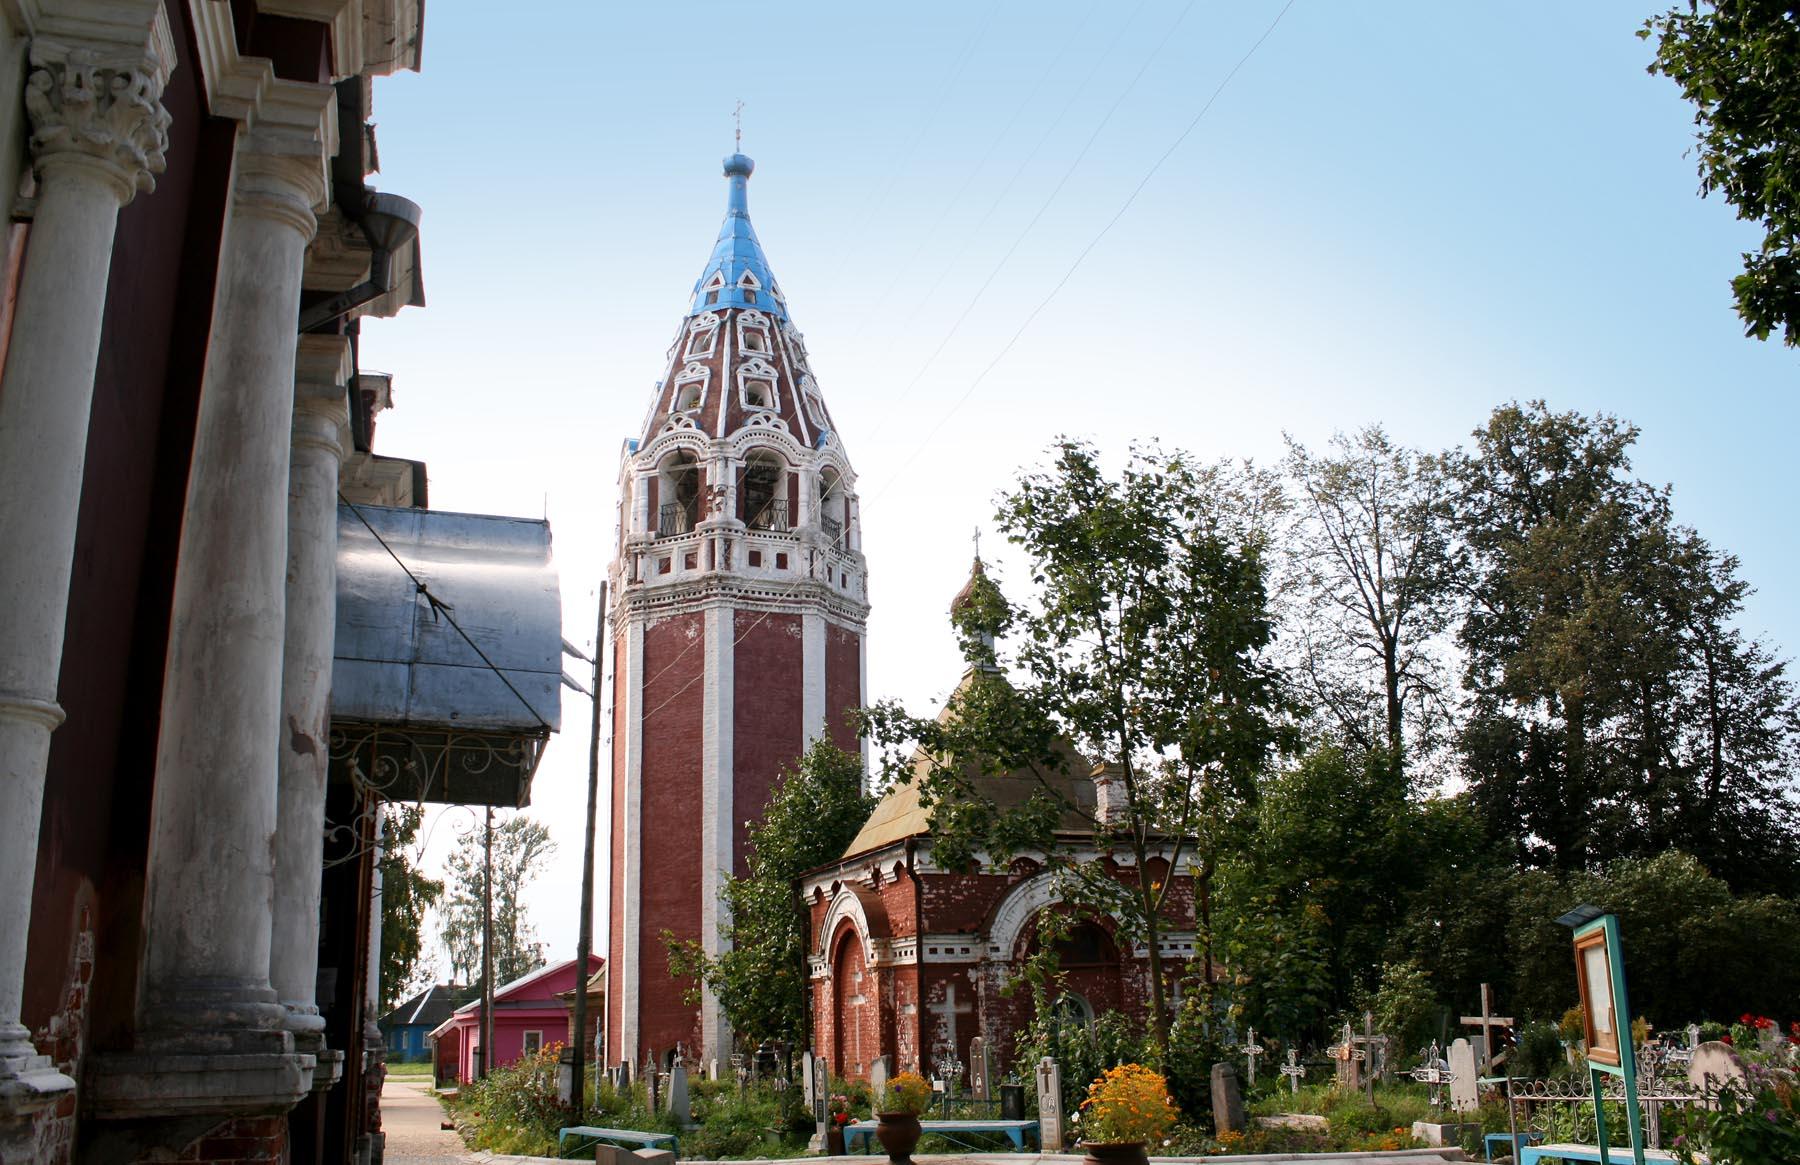 Часовня, колокольня и церковь